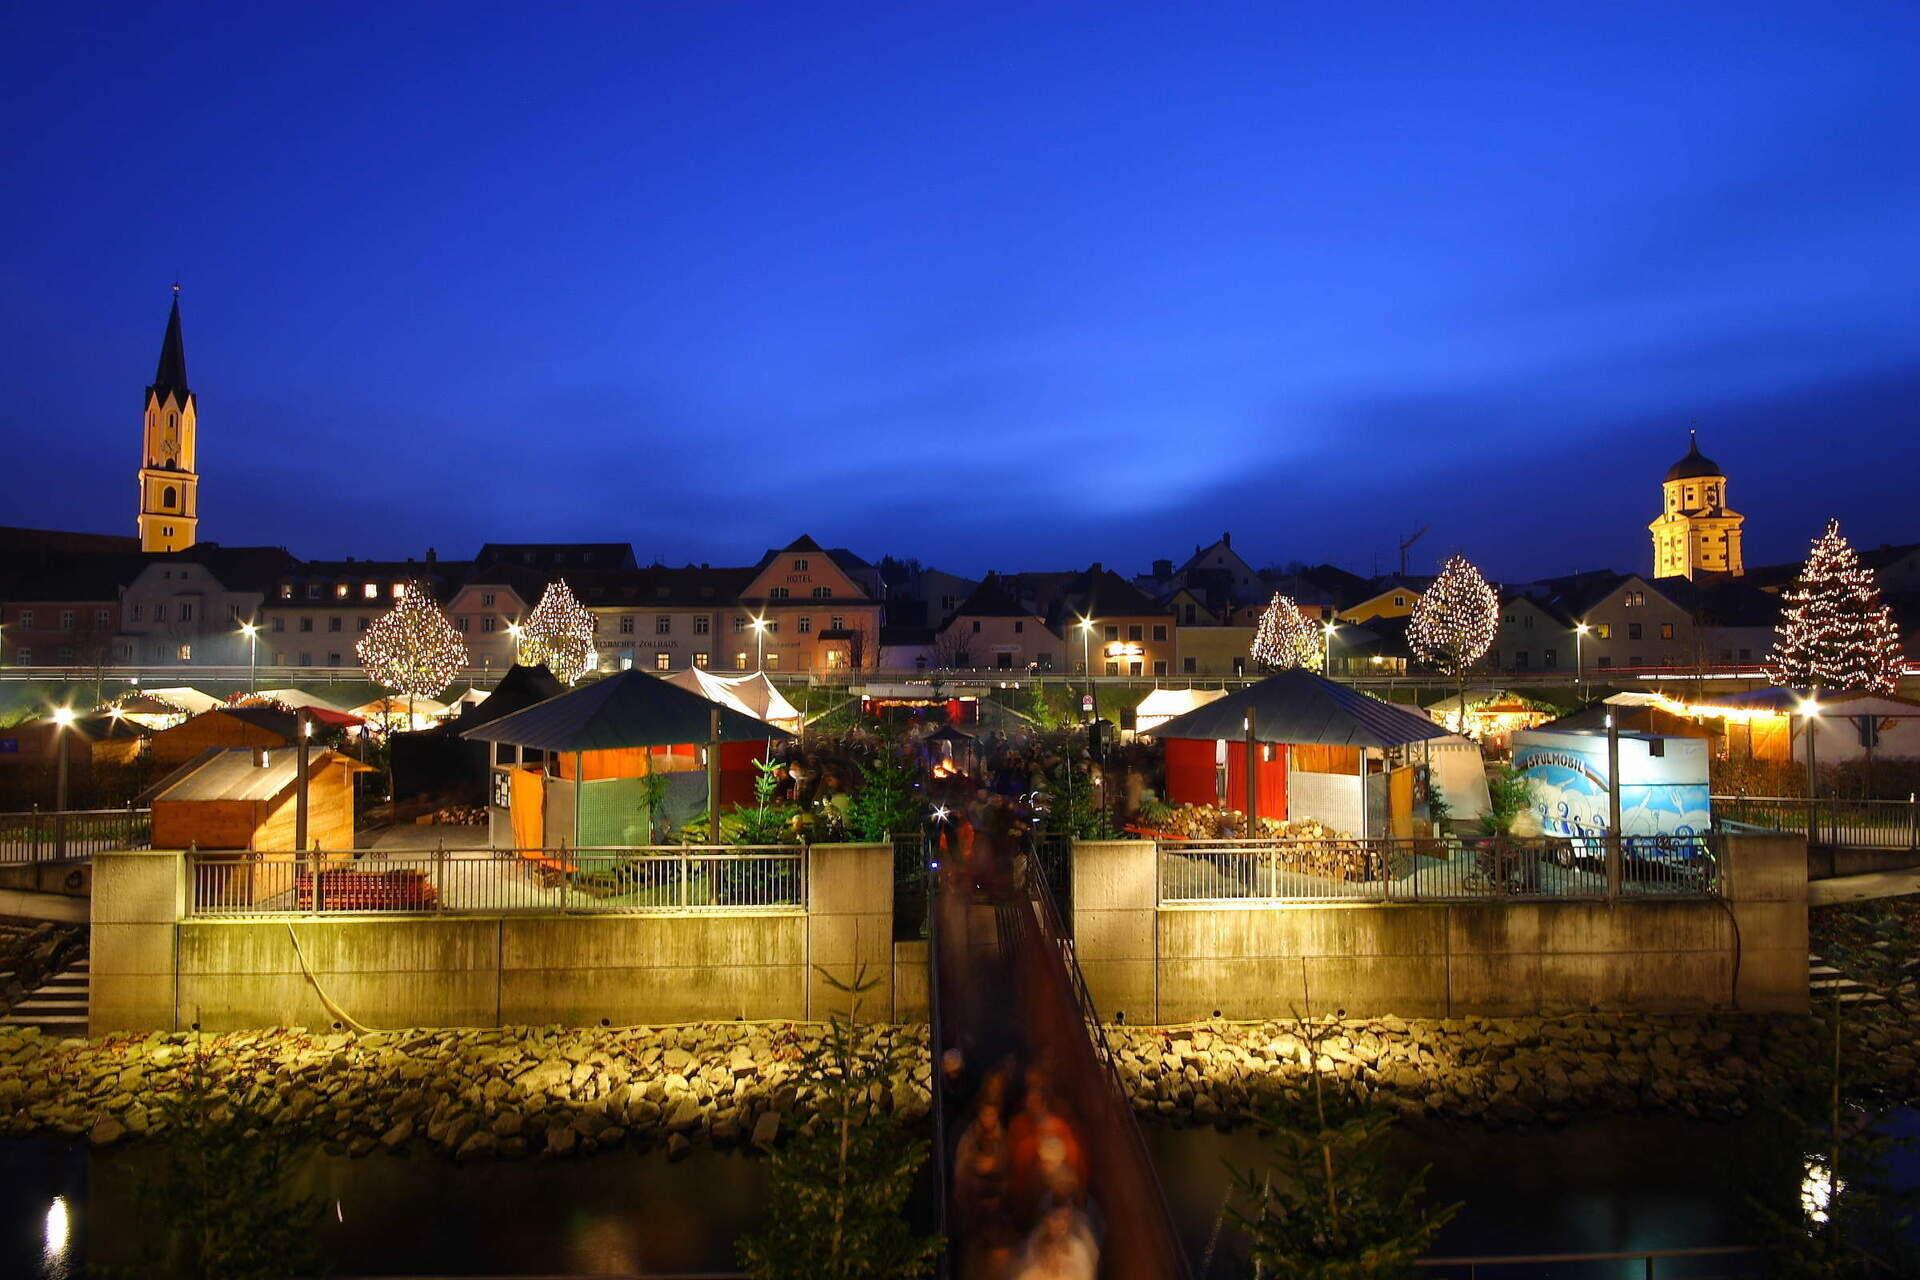 Schwimmender Weihnachtsmarkt.Veranstaltungen Passau Donau In Flammen Feste Vilshofen Bayern